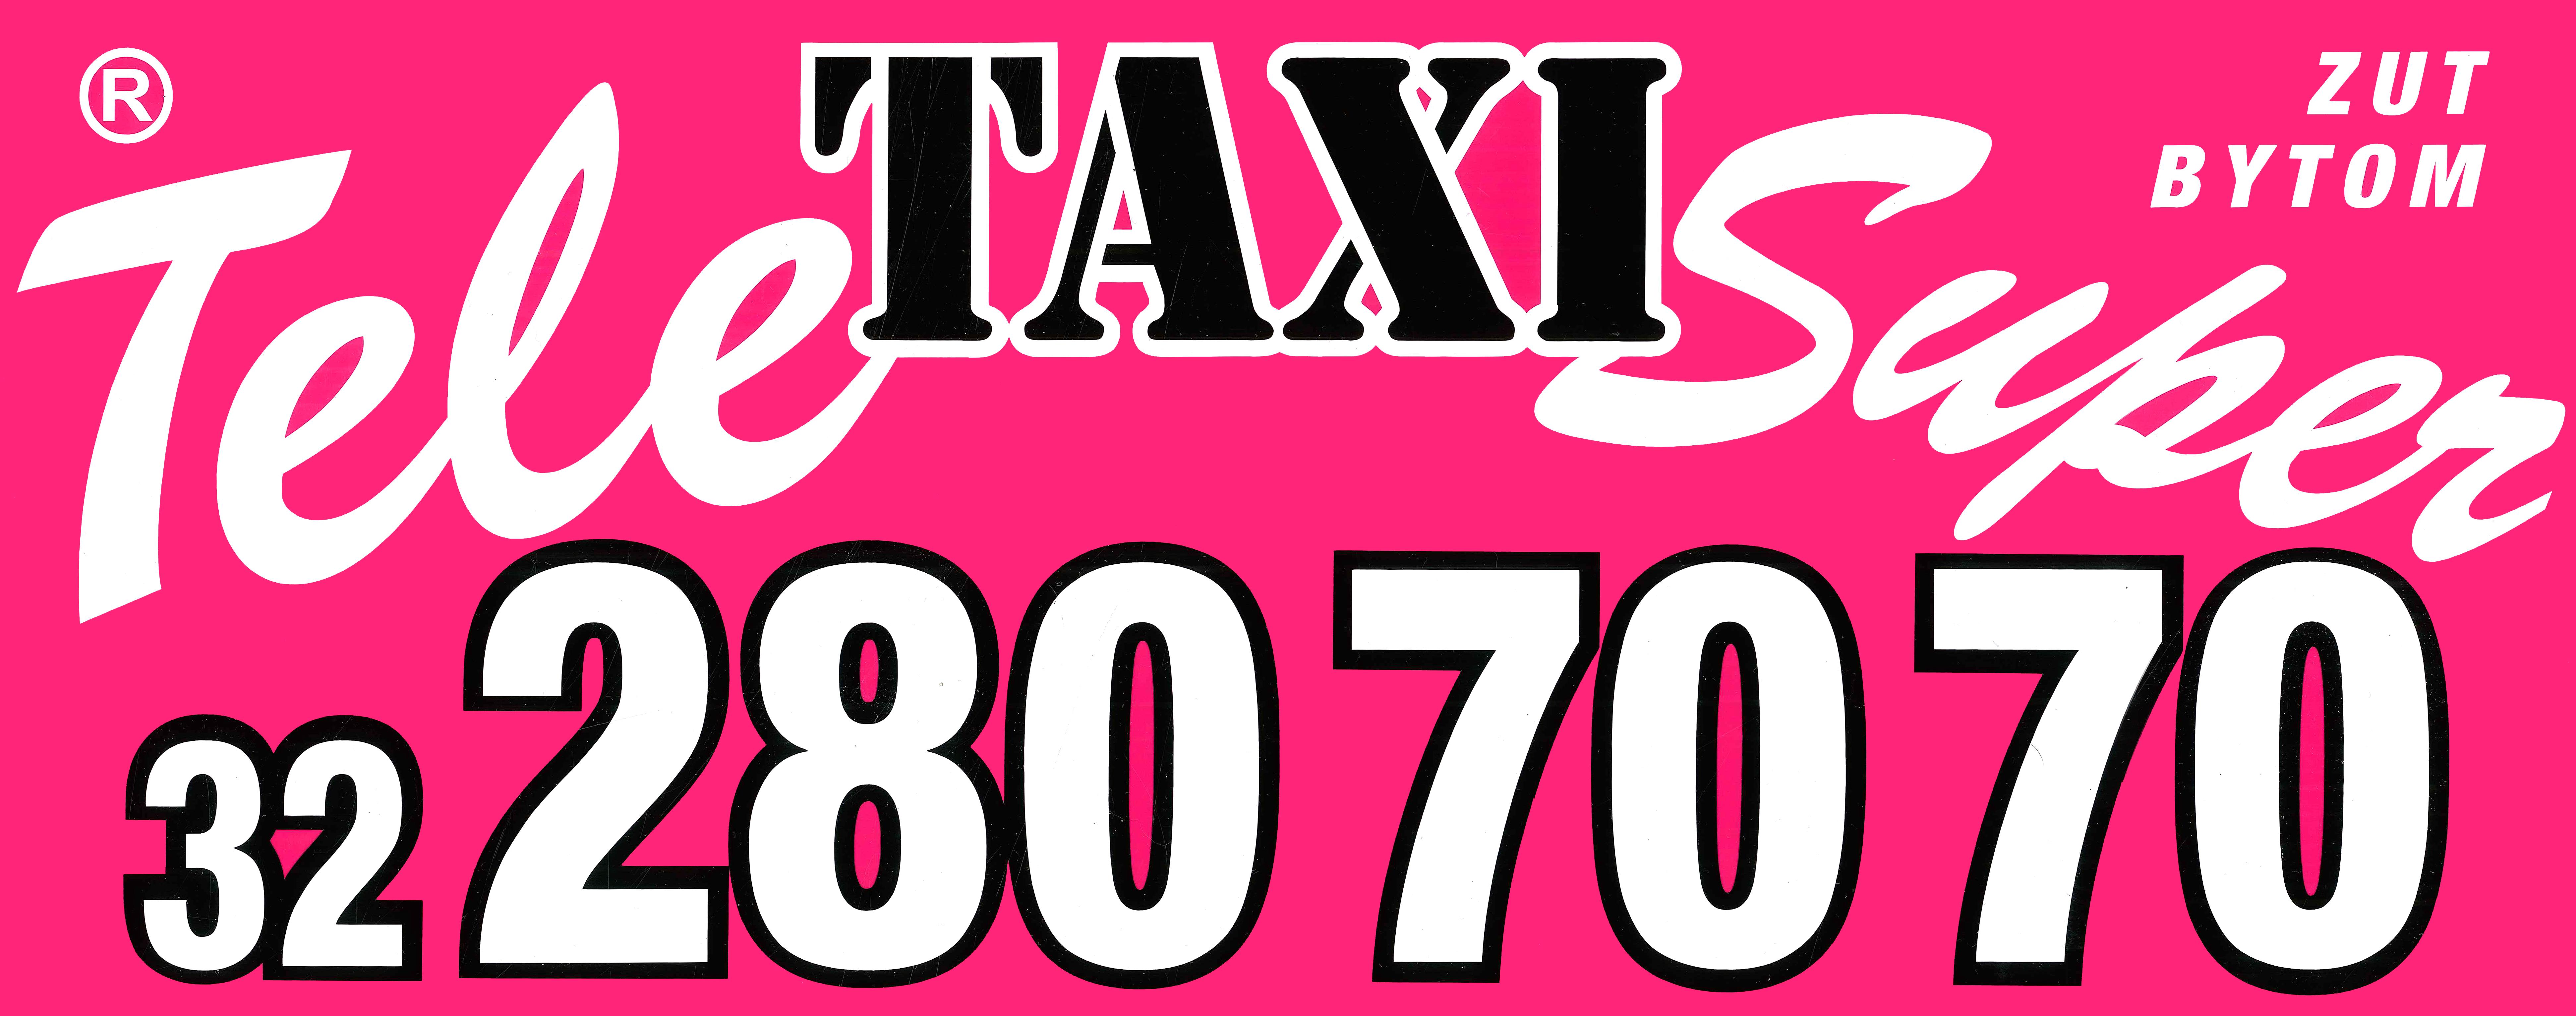 ZUT TELE-TAXI BYTOM :: 32 280 70 70 – Zamów taksówkę!